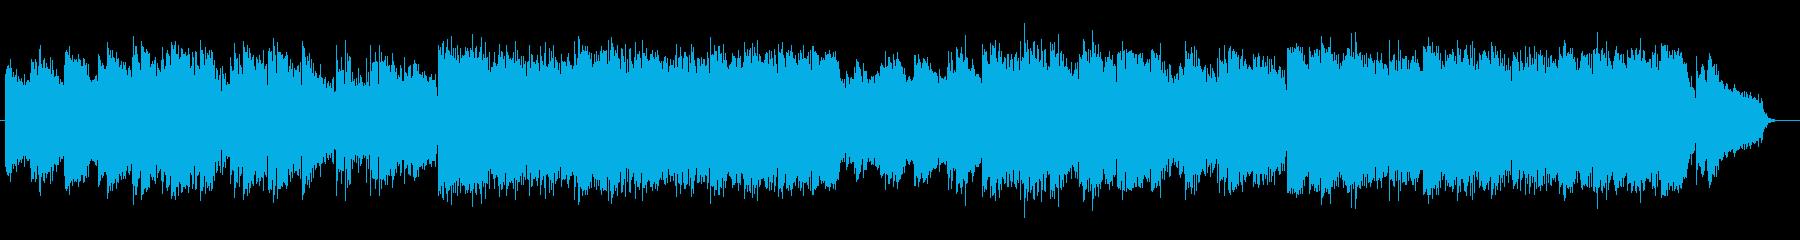 ノスタルジックなシンセ・ギターサウンドの再生済みの波形